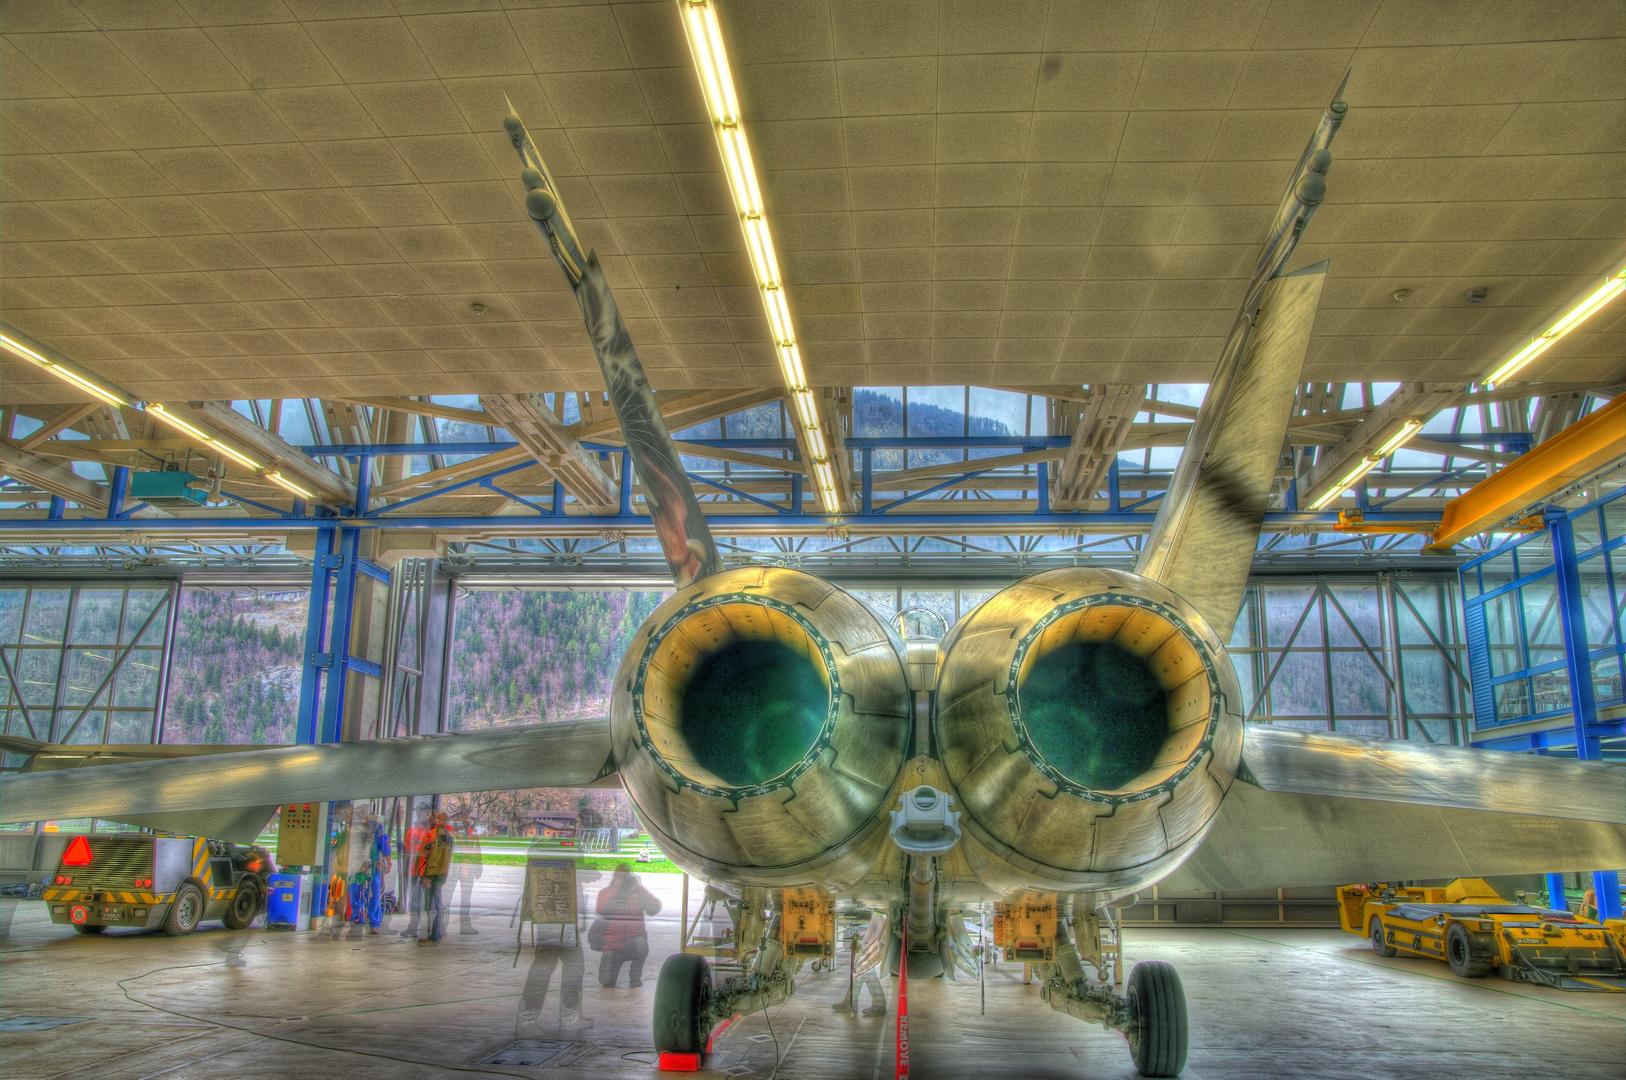 F 18 Air Base Meiringen im Hangar HDR